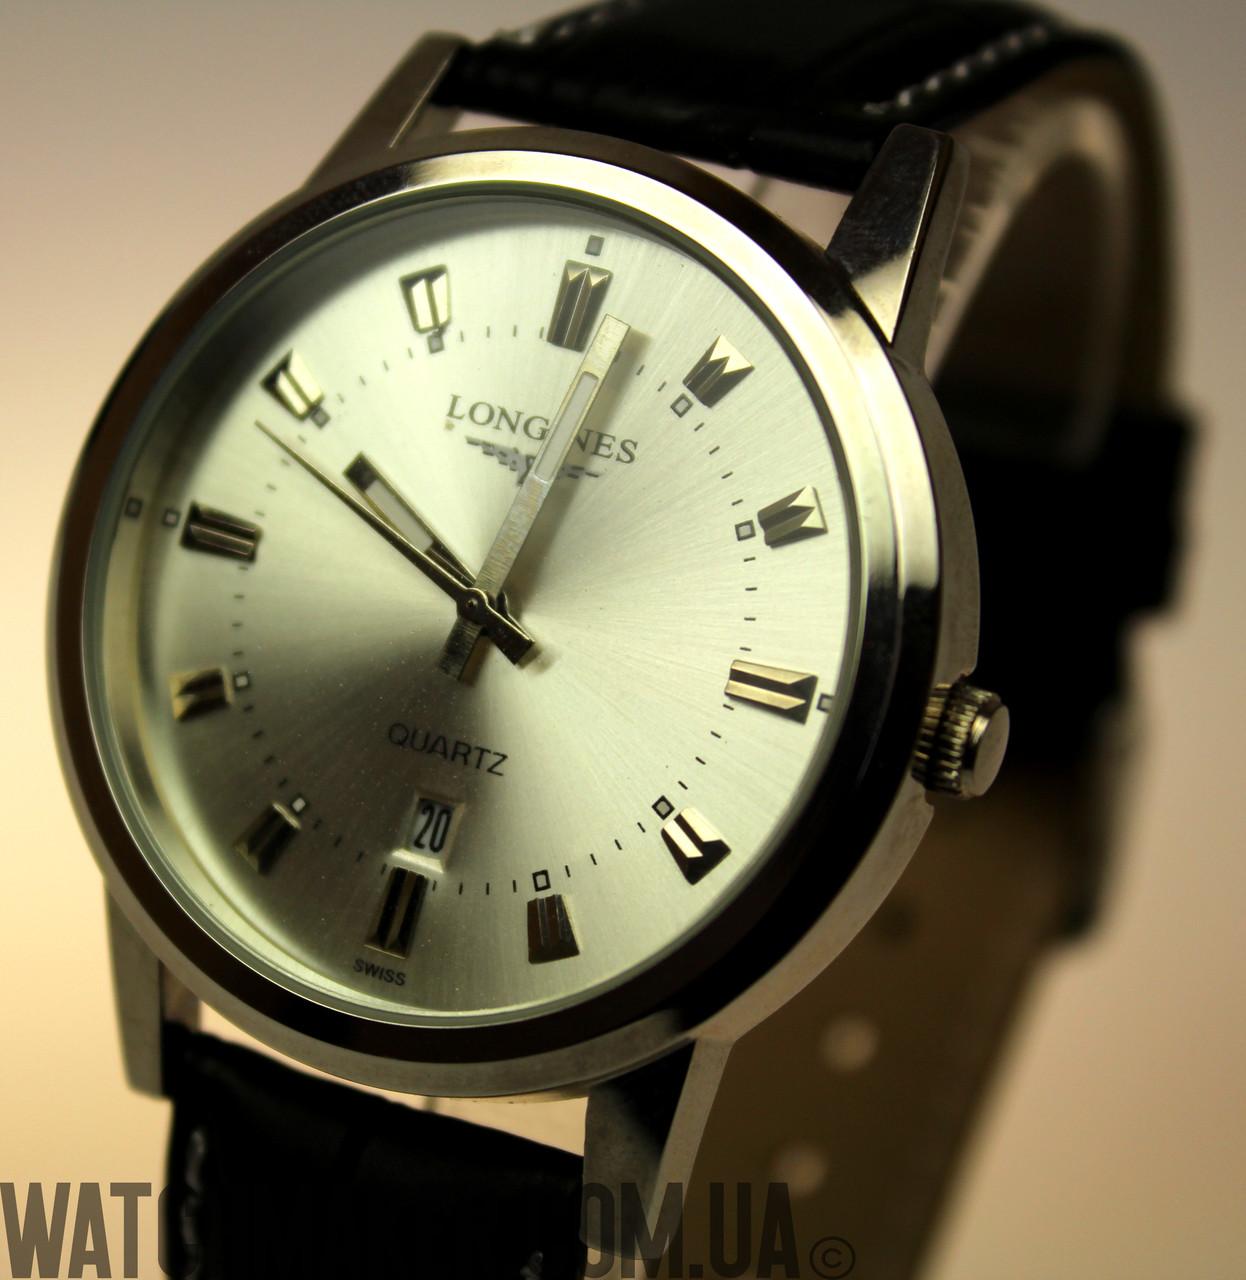 Наручные часы кварц цена garmin часы купить в москве